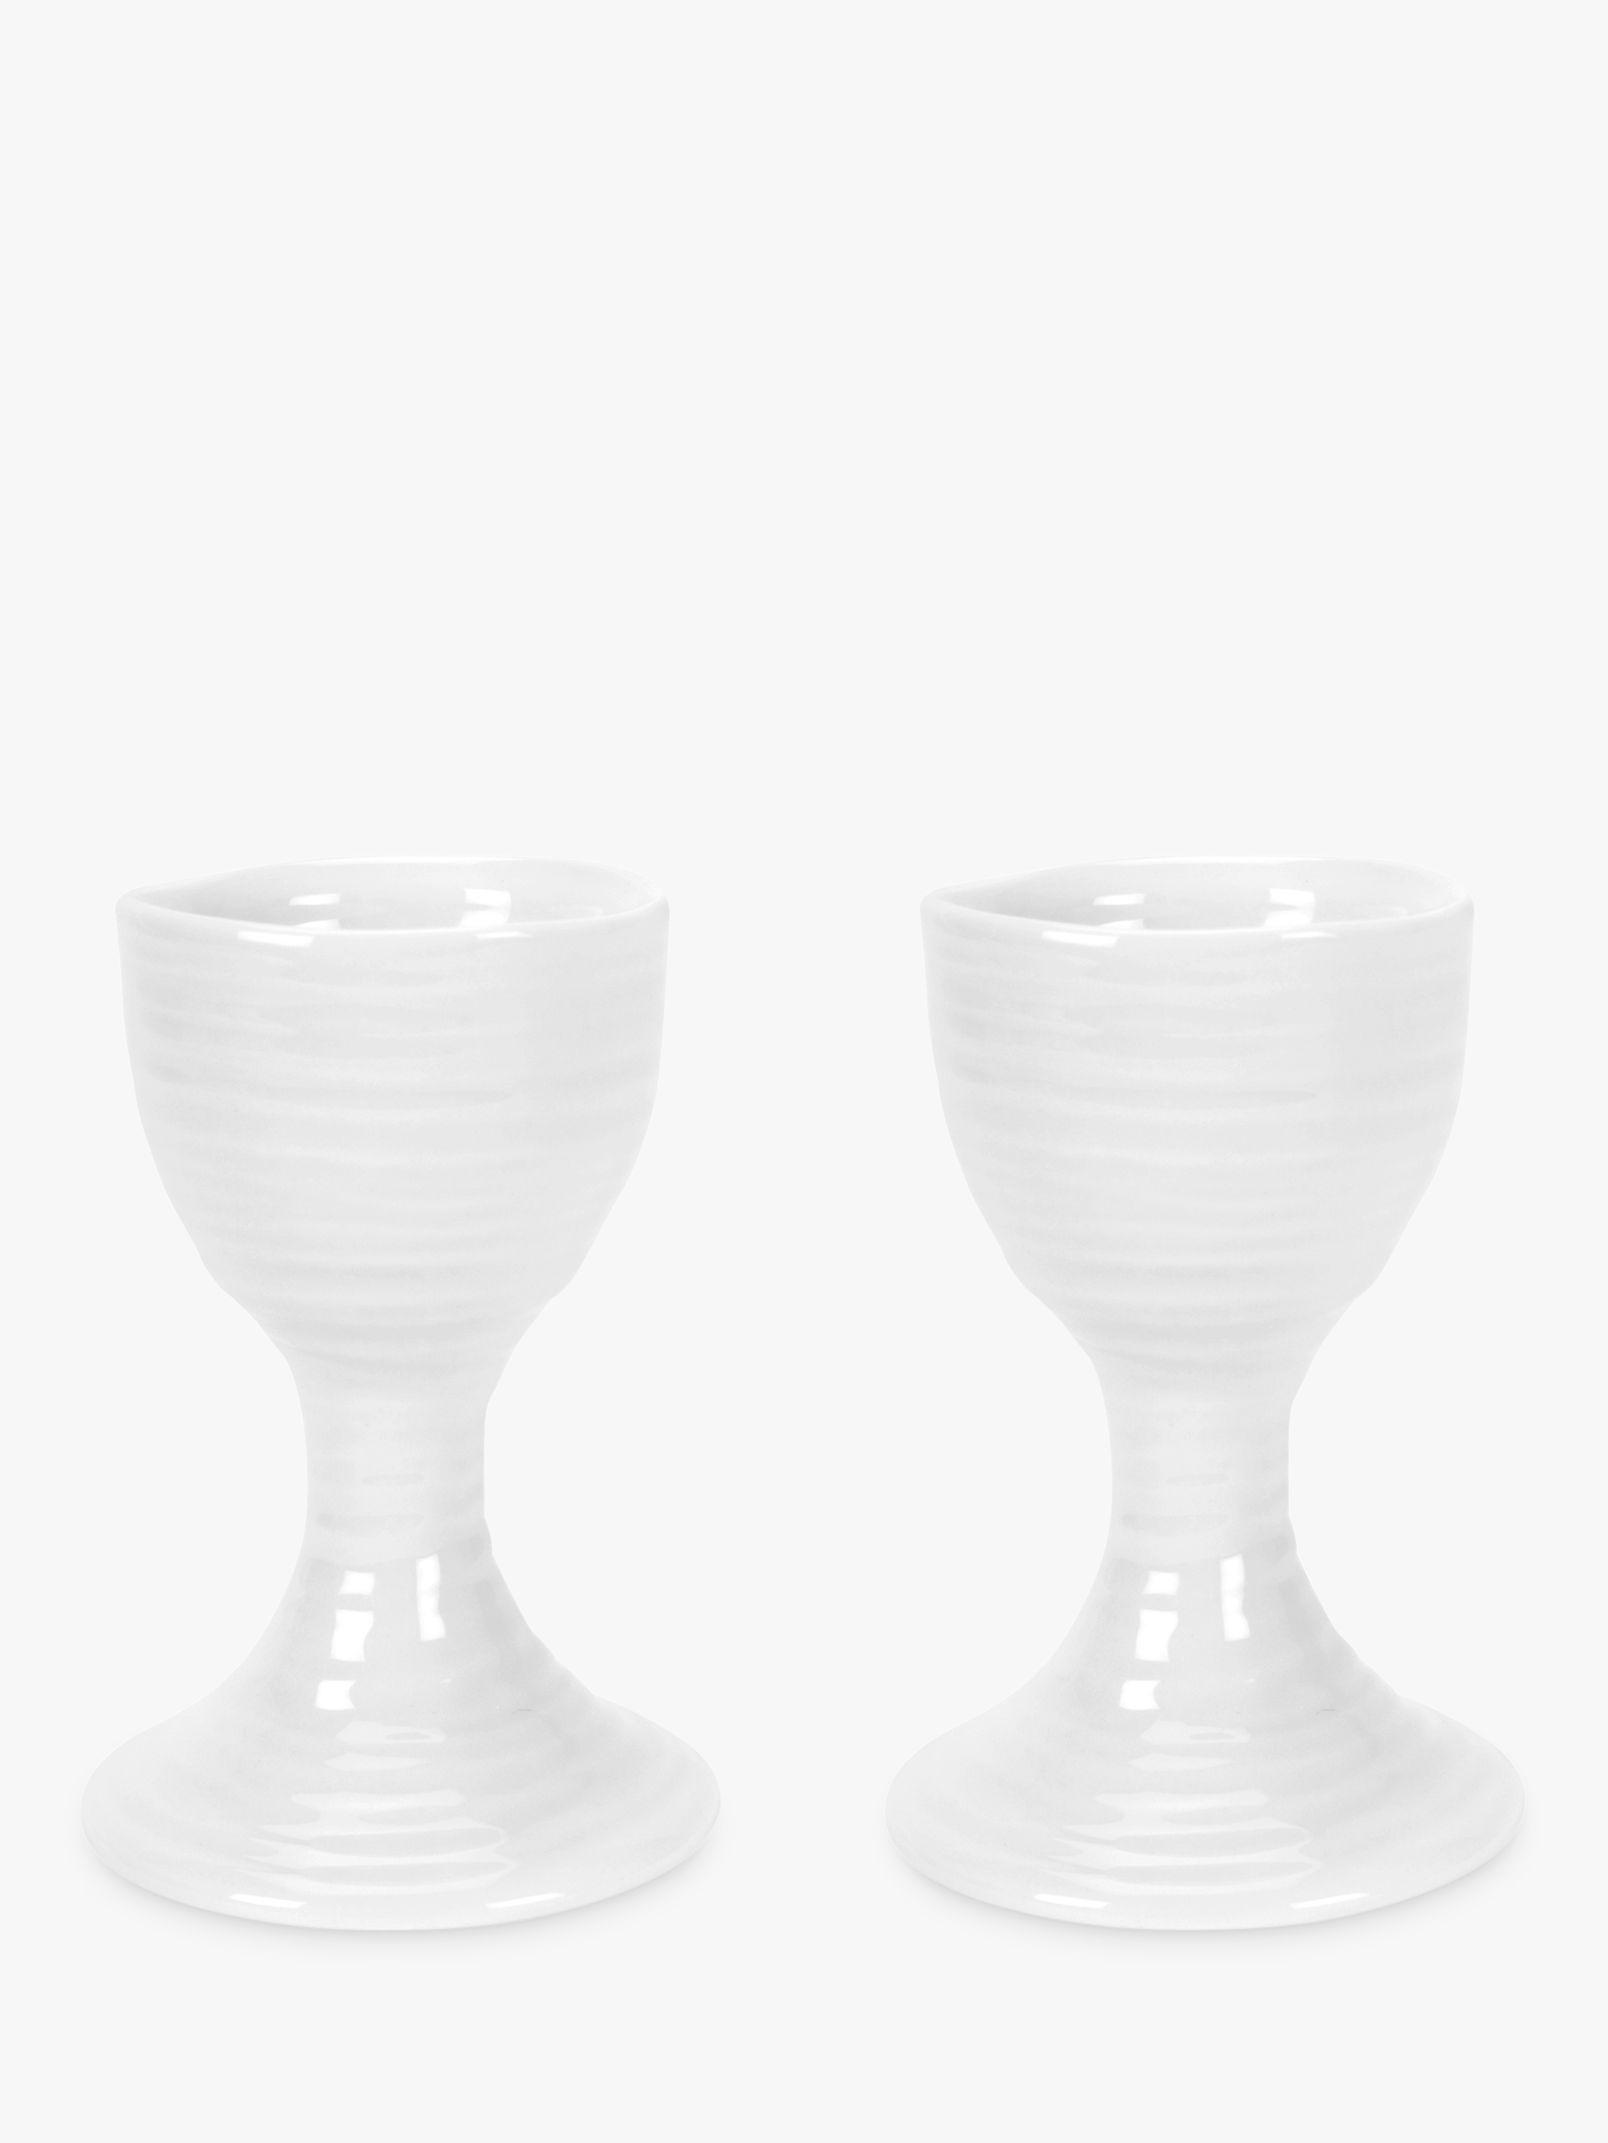 Sophie Conran for Portmeirion Sophie Conran for Portmeirion Set of 2 Egg Cups, White